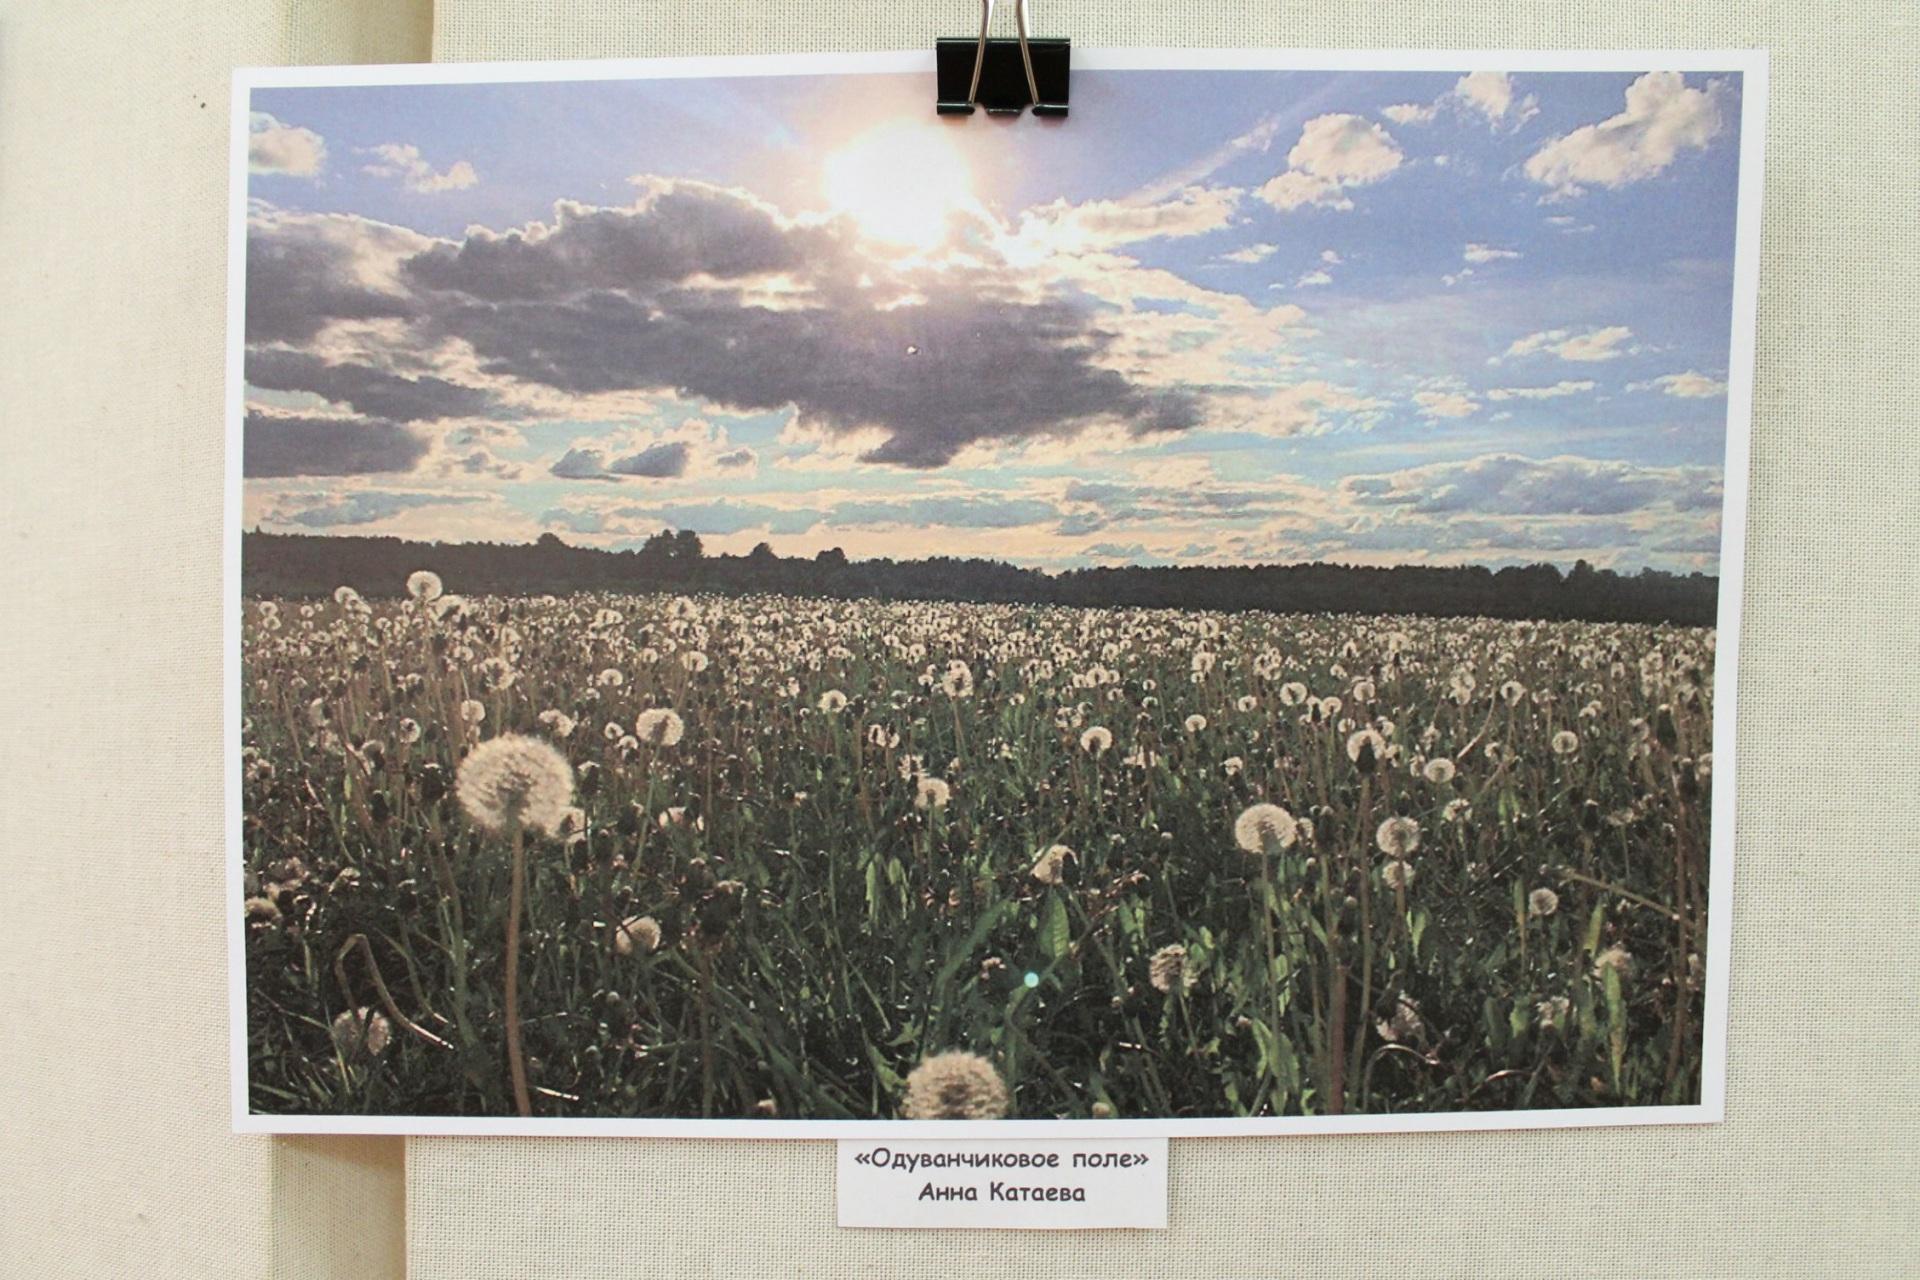 Сыктывдинский музей отметил Год экологии фотоконкурсом для жителей района